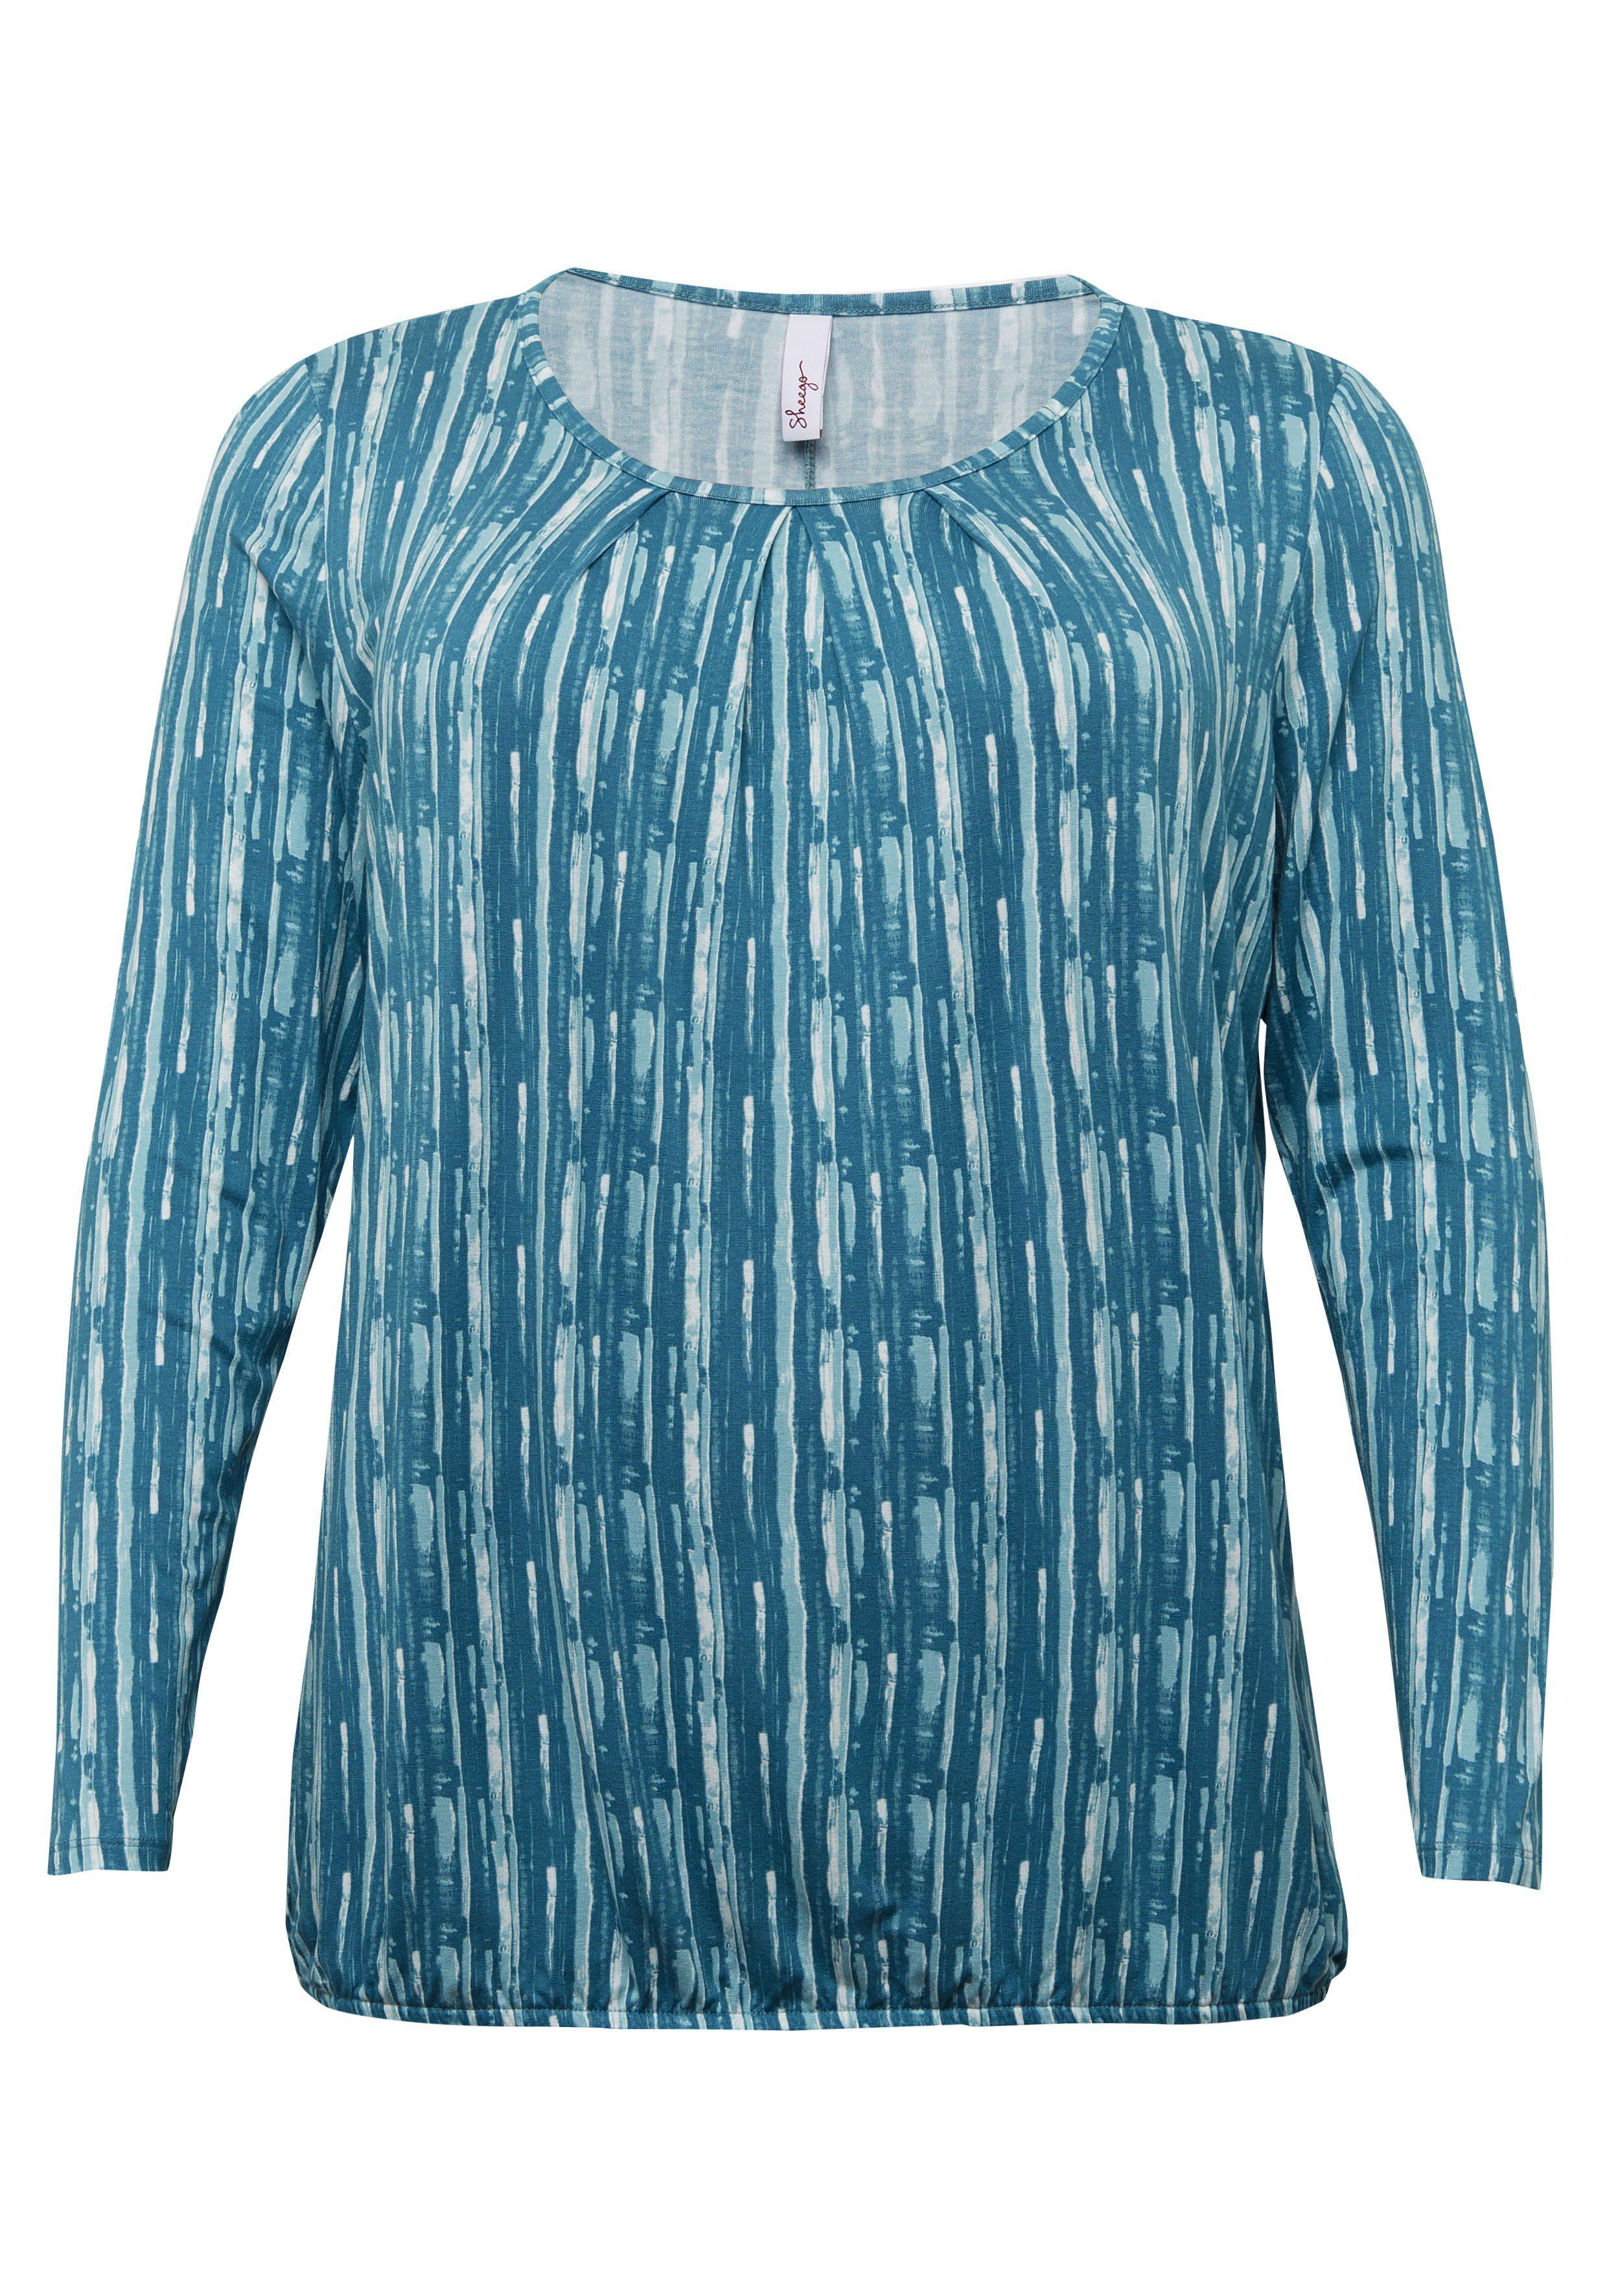 Sheego Casual Shirt Met Lange Mouwen Nu Online Bestellen - Geweldige Prijs